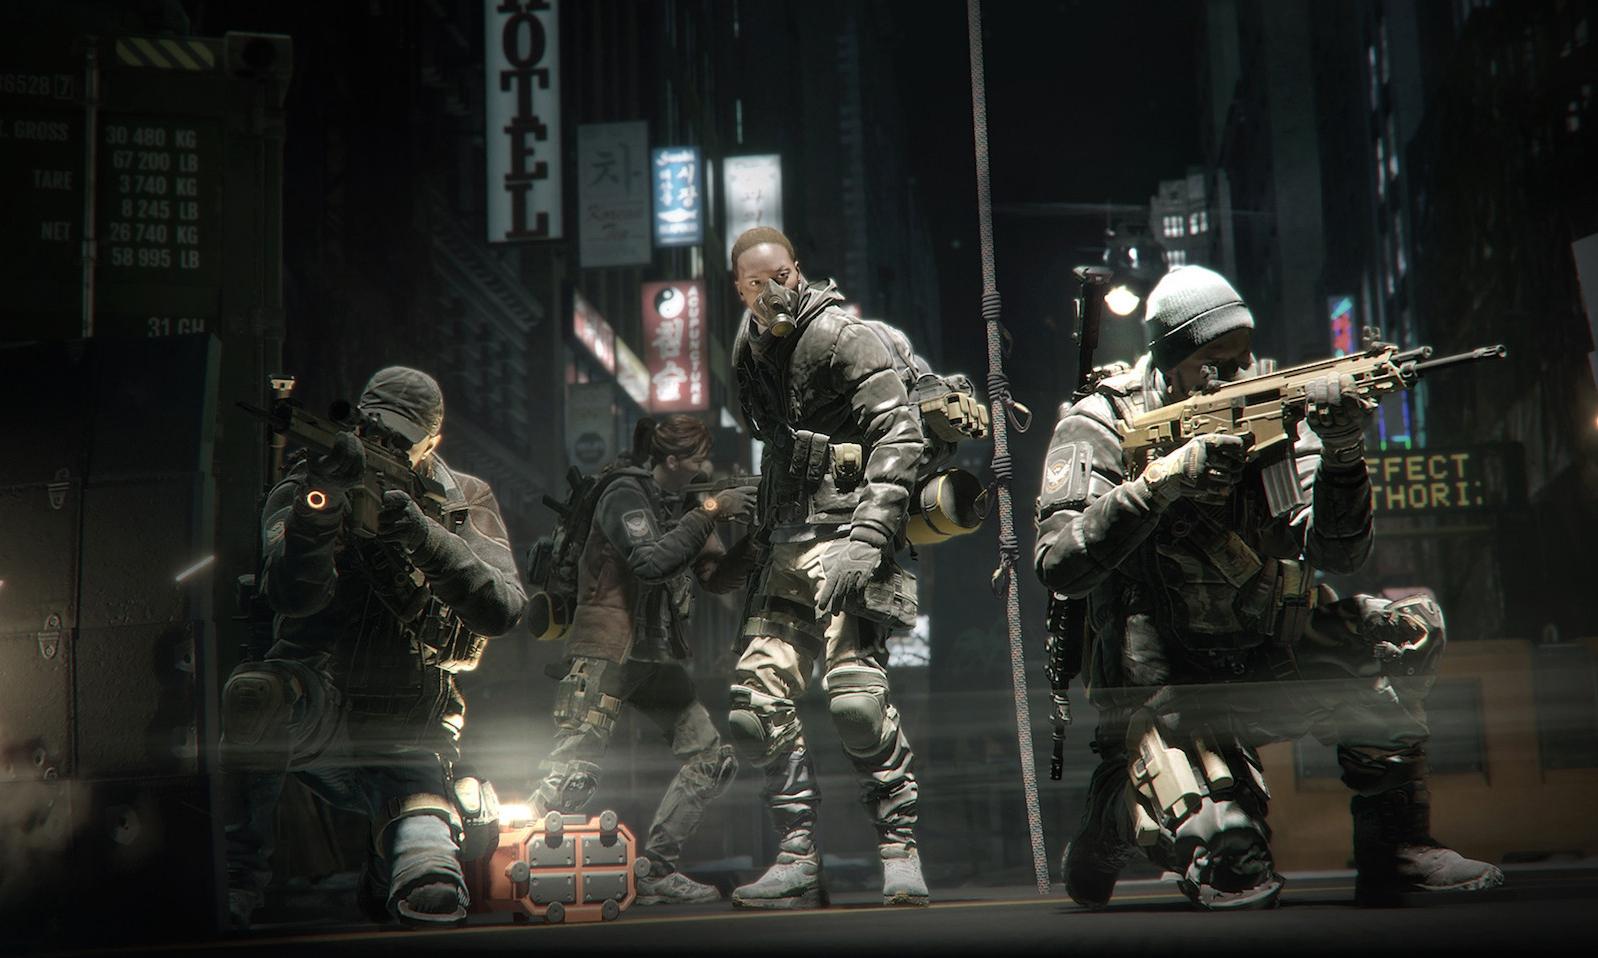 鼓励「宅家」,Ubisoft 限时免费开放多款游戏大作